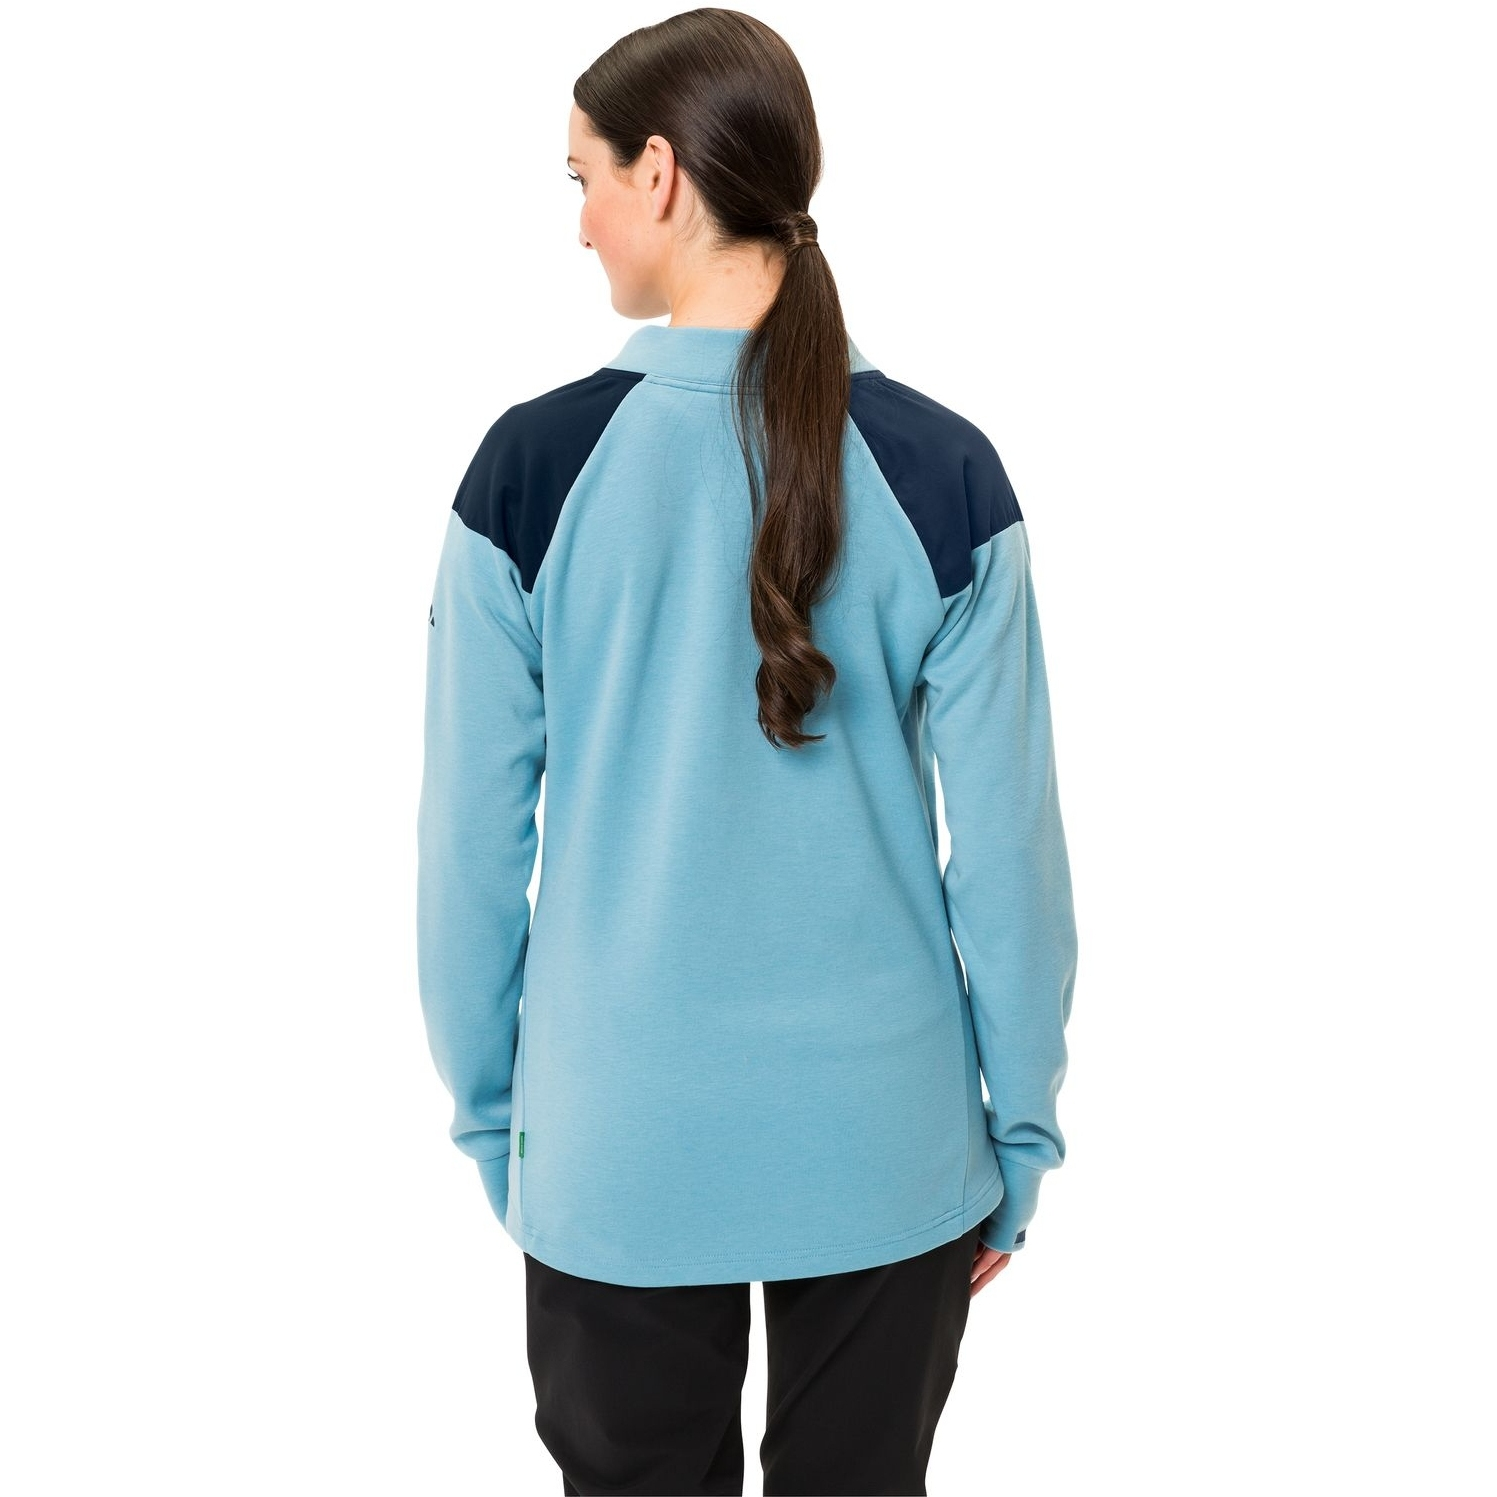 Bild von Vaude Cyclist Sweater Damen - dolphin